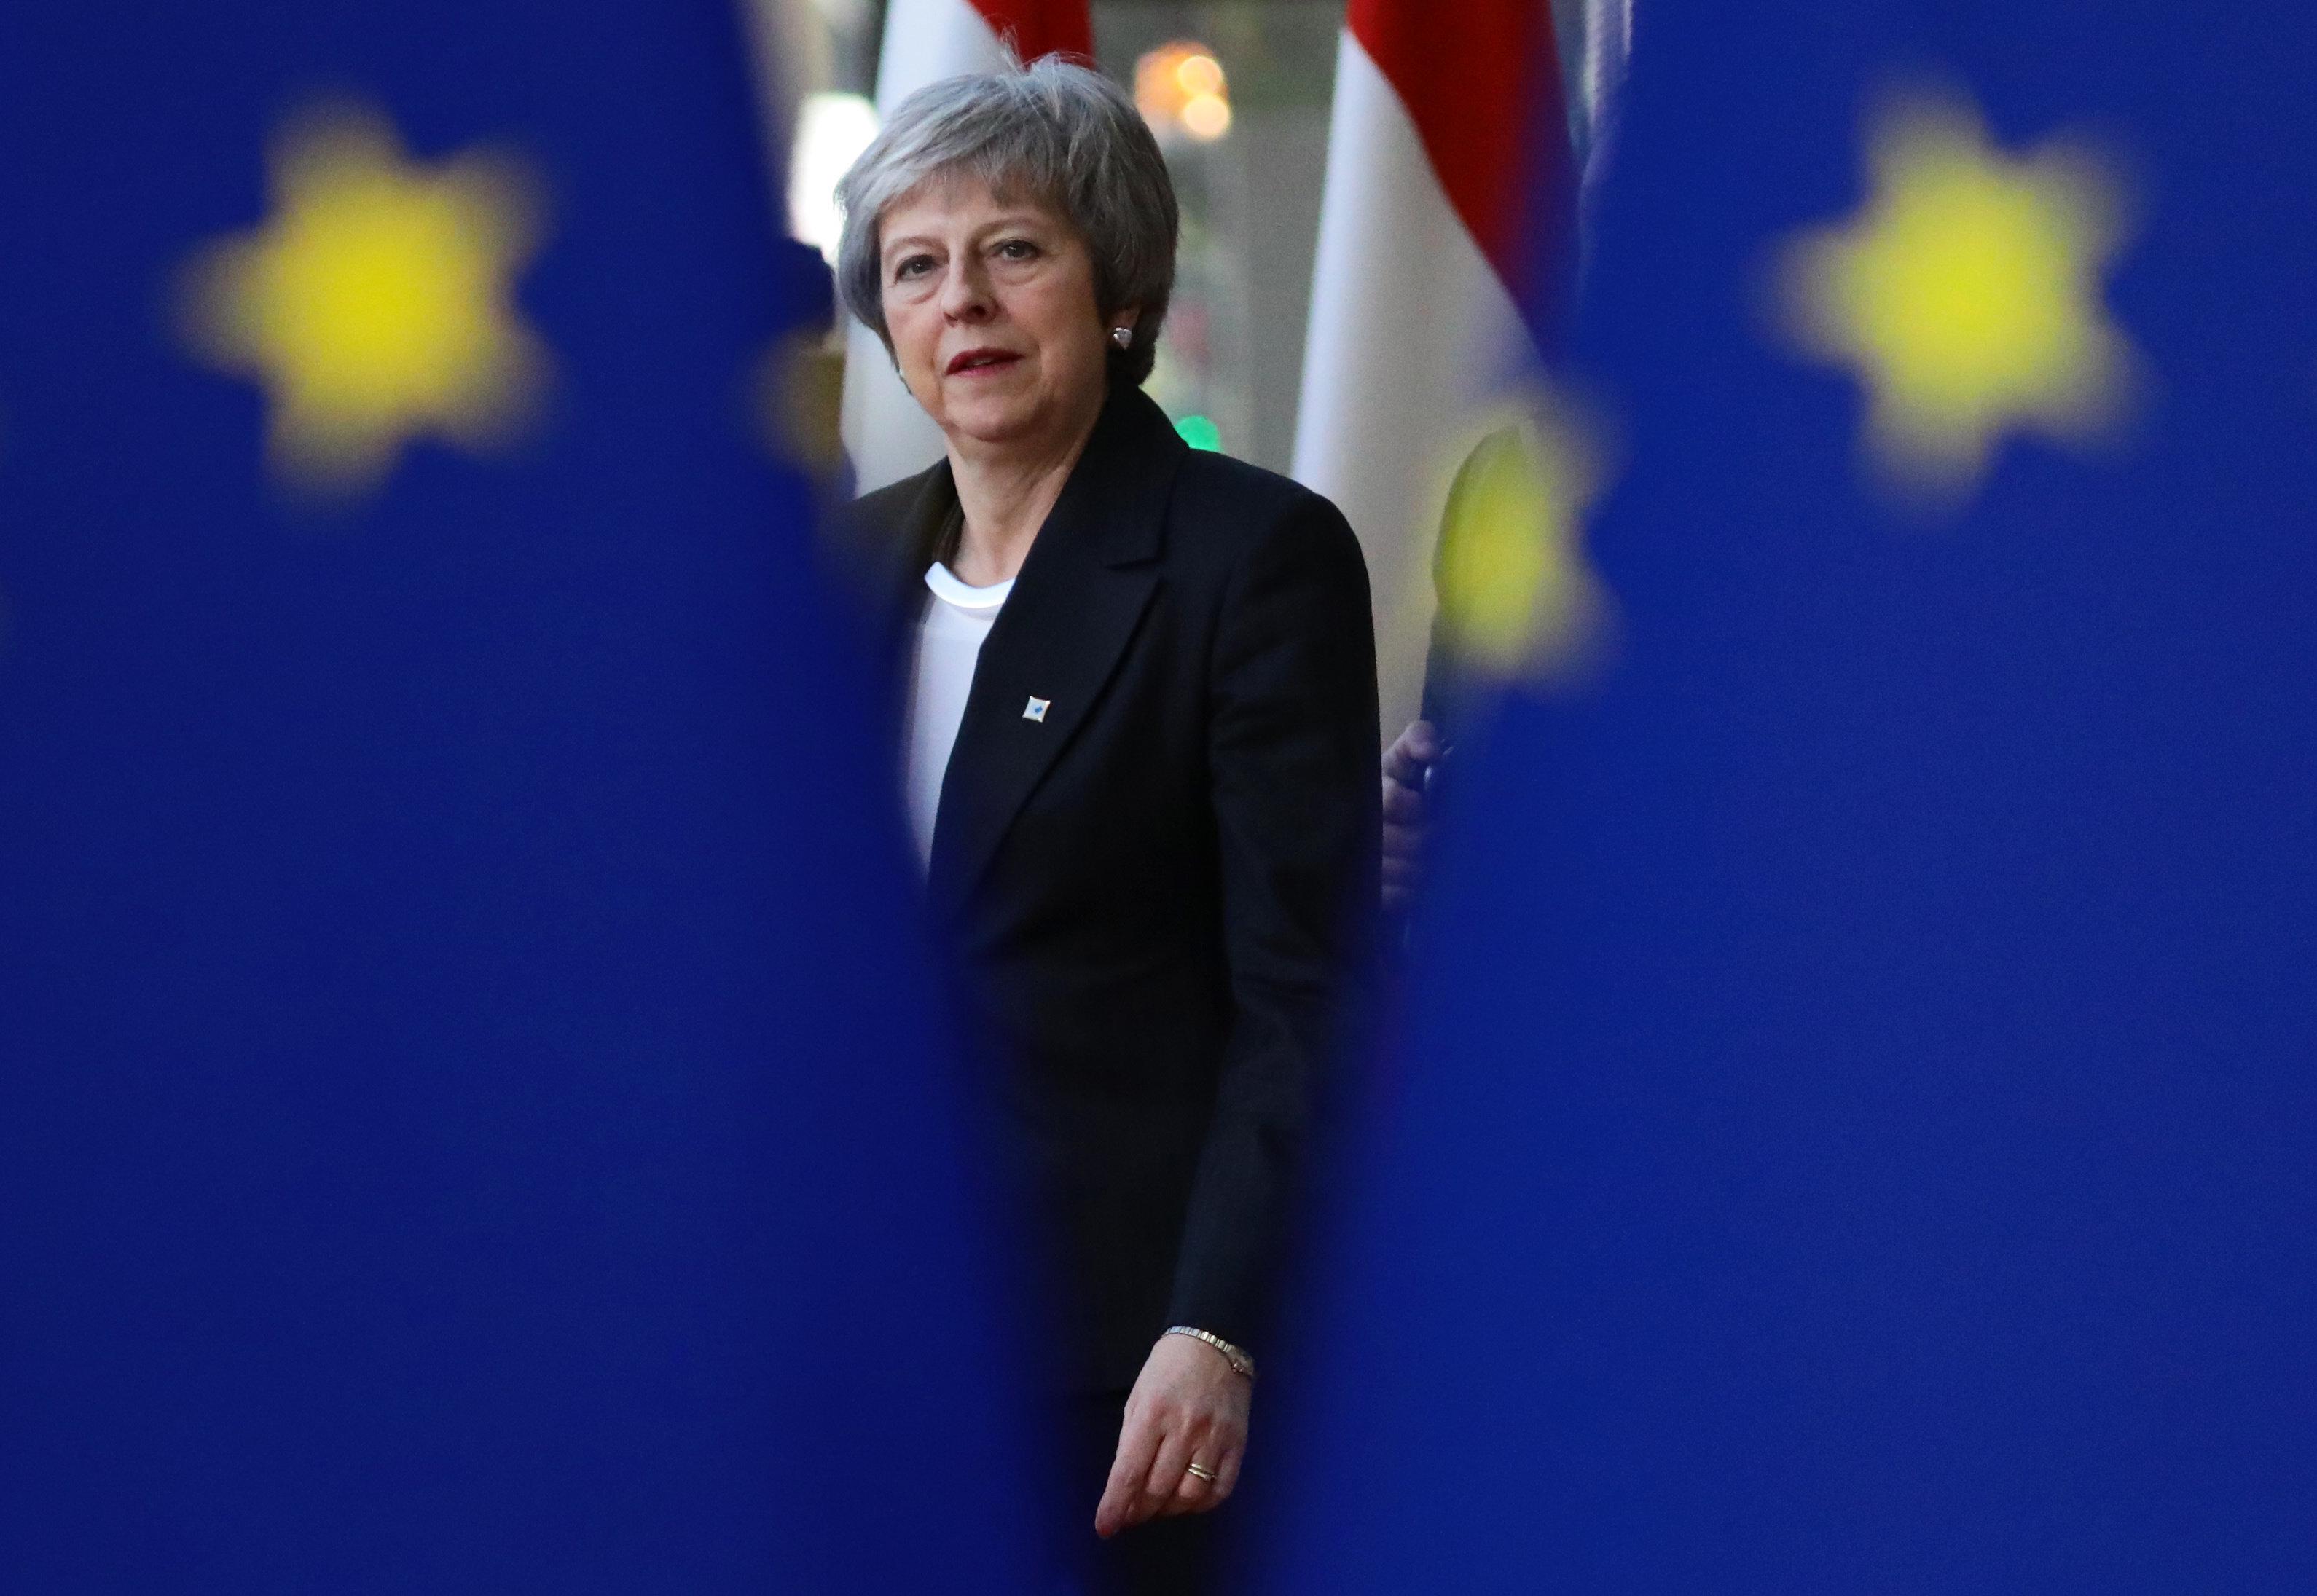 Brexit: Alle streiten über den EU-Austritt – doch May hat noch andere